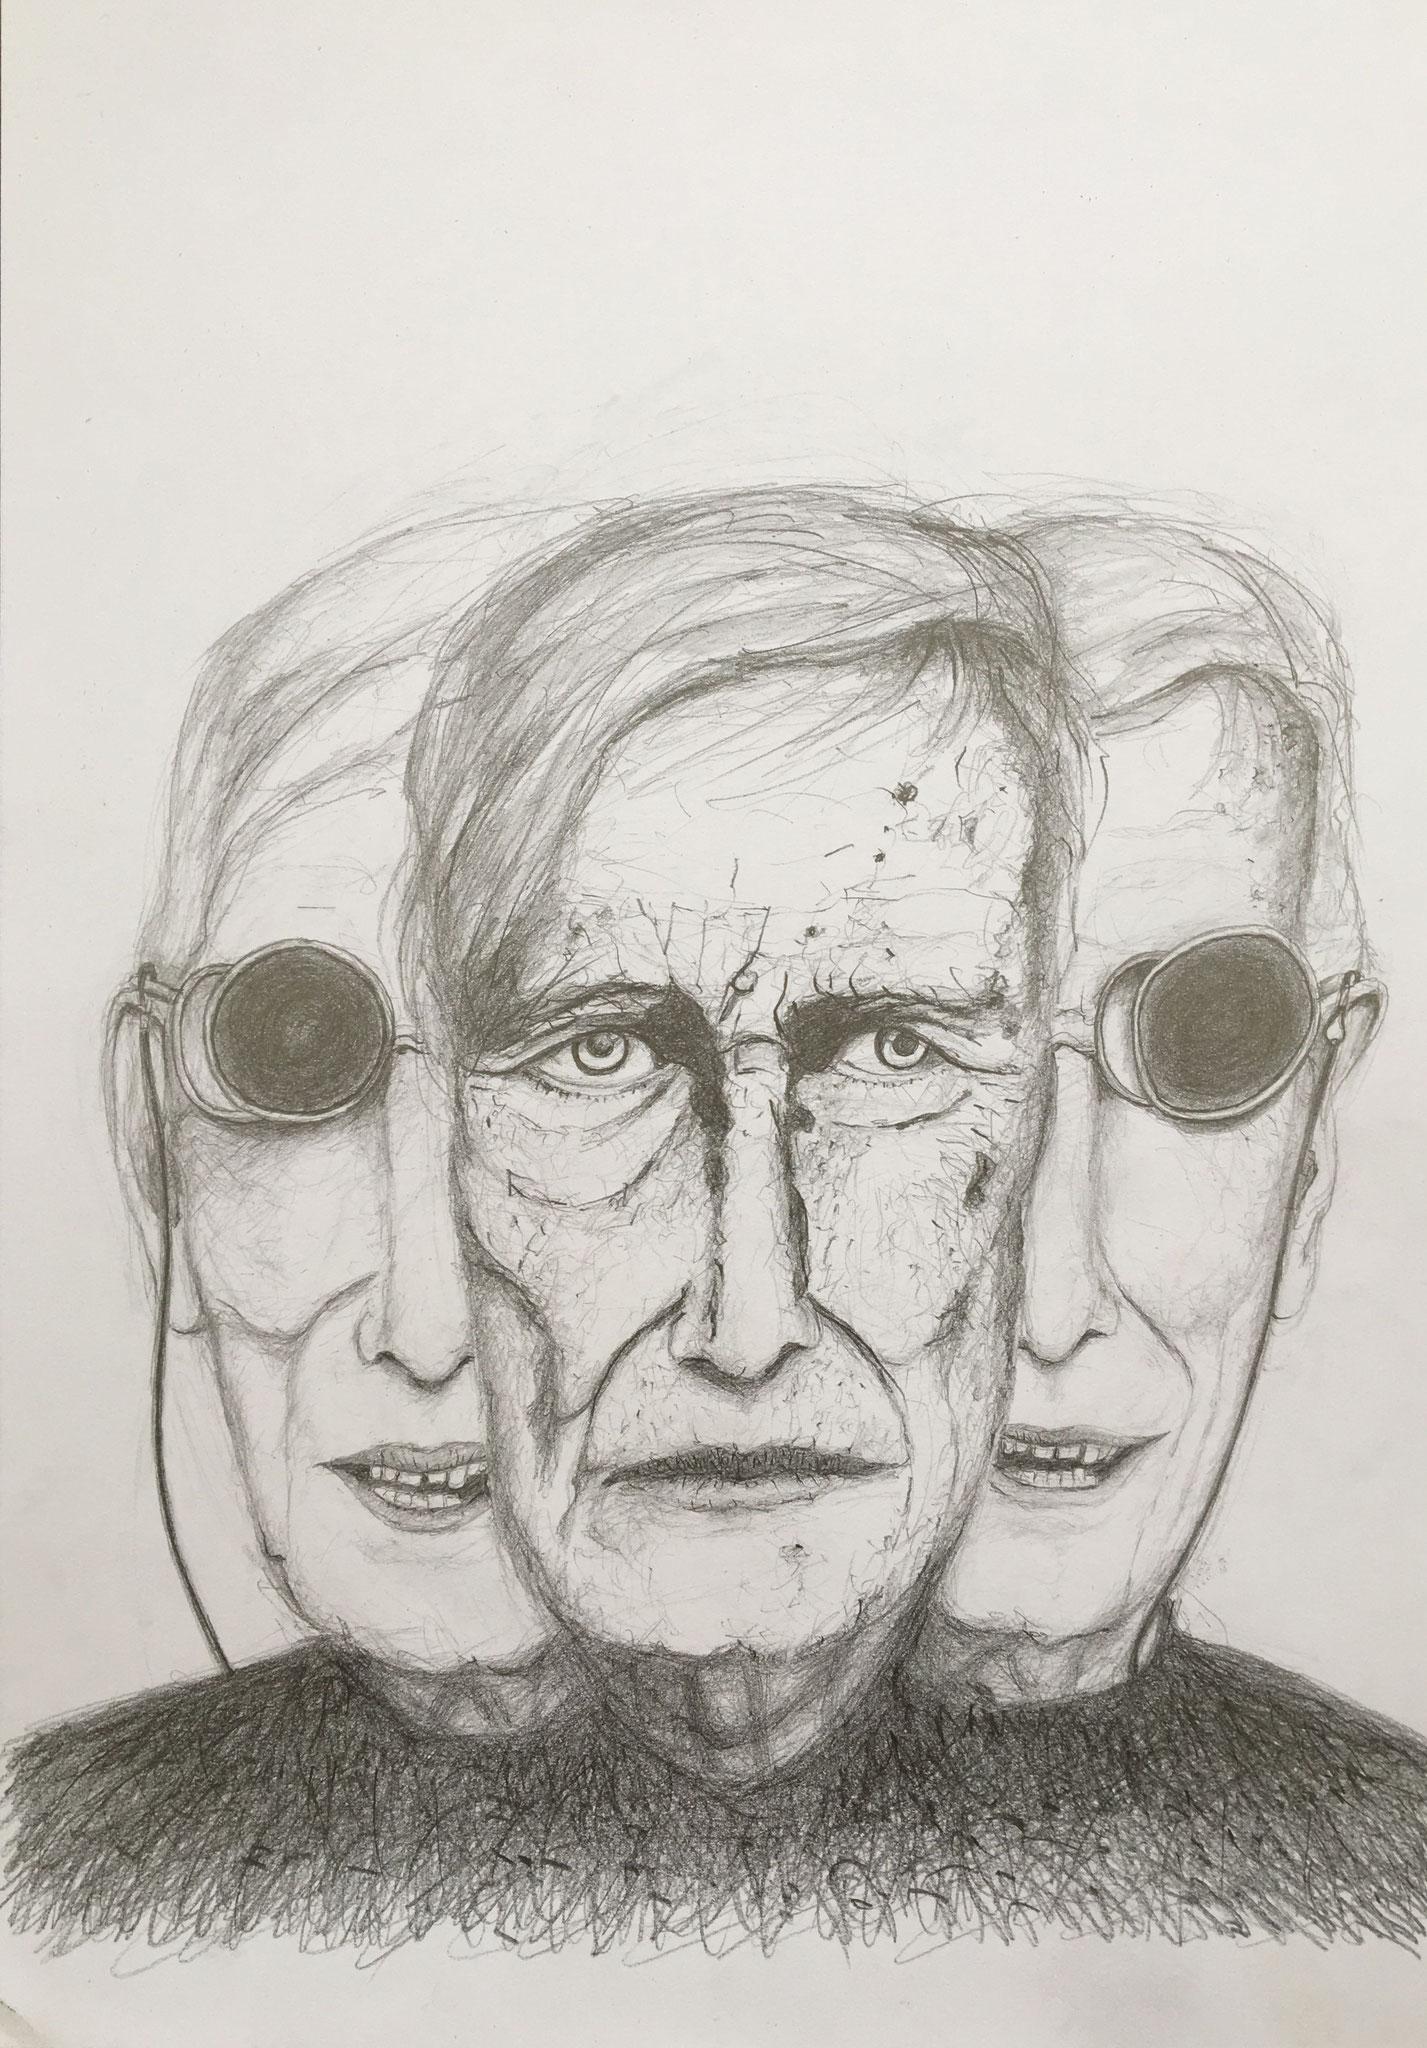 Tomi Ungerer, 3fach ist der Schritt der Zeit..., 2019, Zeichnung, 40 x 30 cm (#1016)